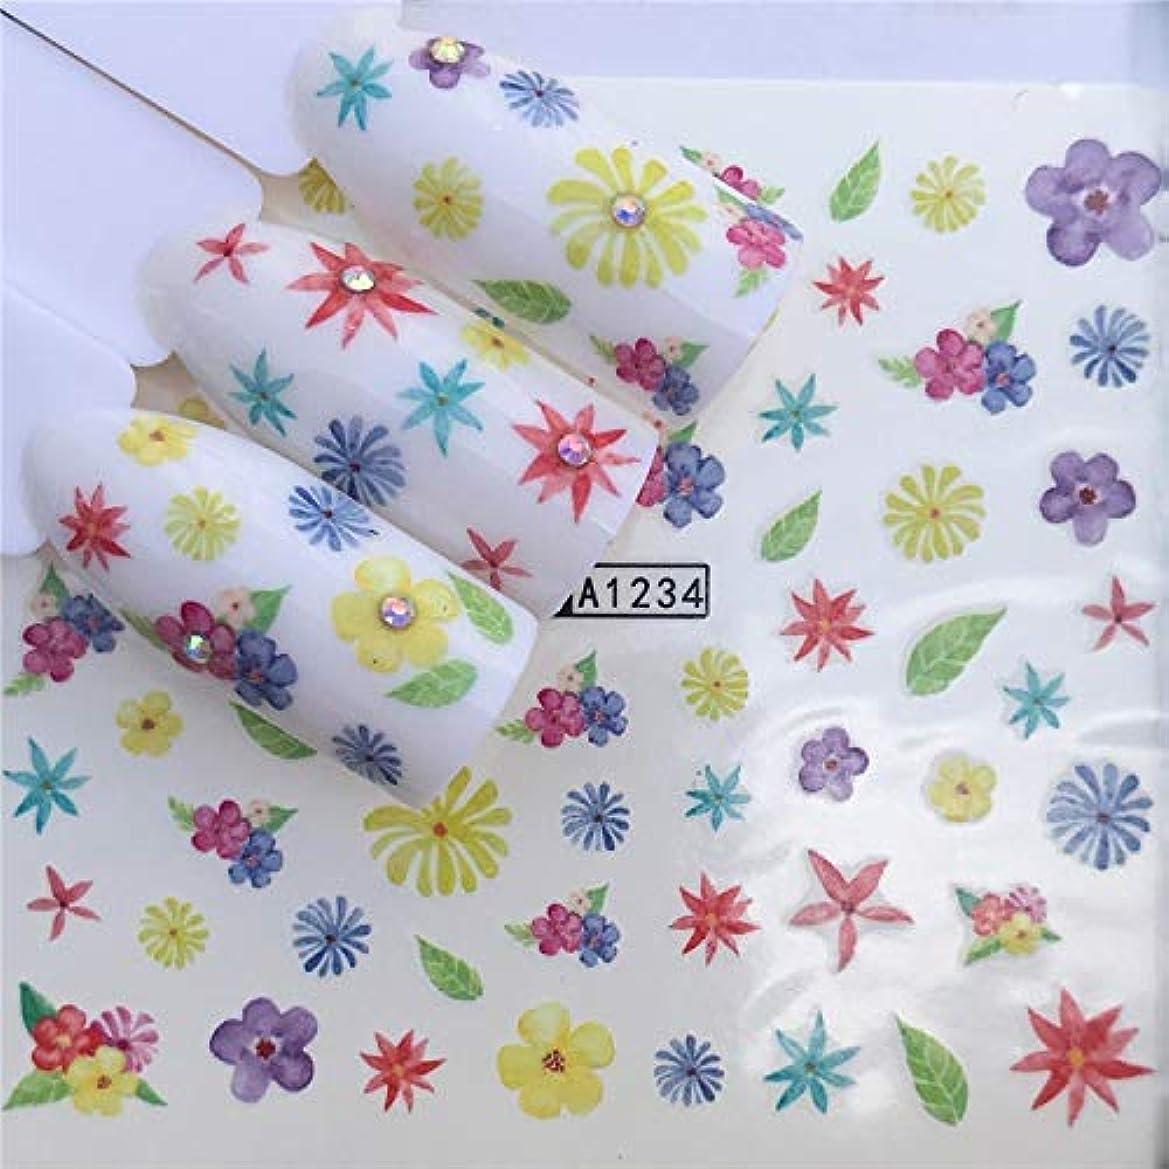 手足ビューティーケア 3個ネイルステッカーセットデカール水転写スライダーネイルアートデコレーション、色:YZWA 1234